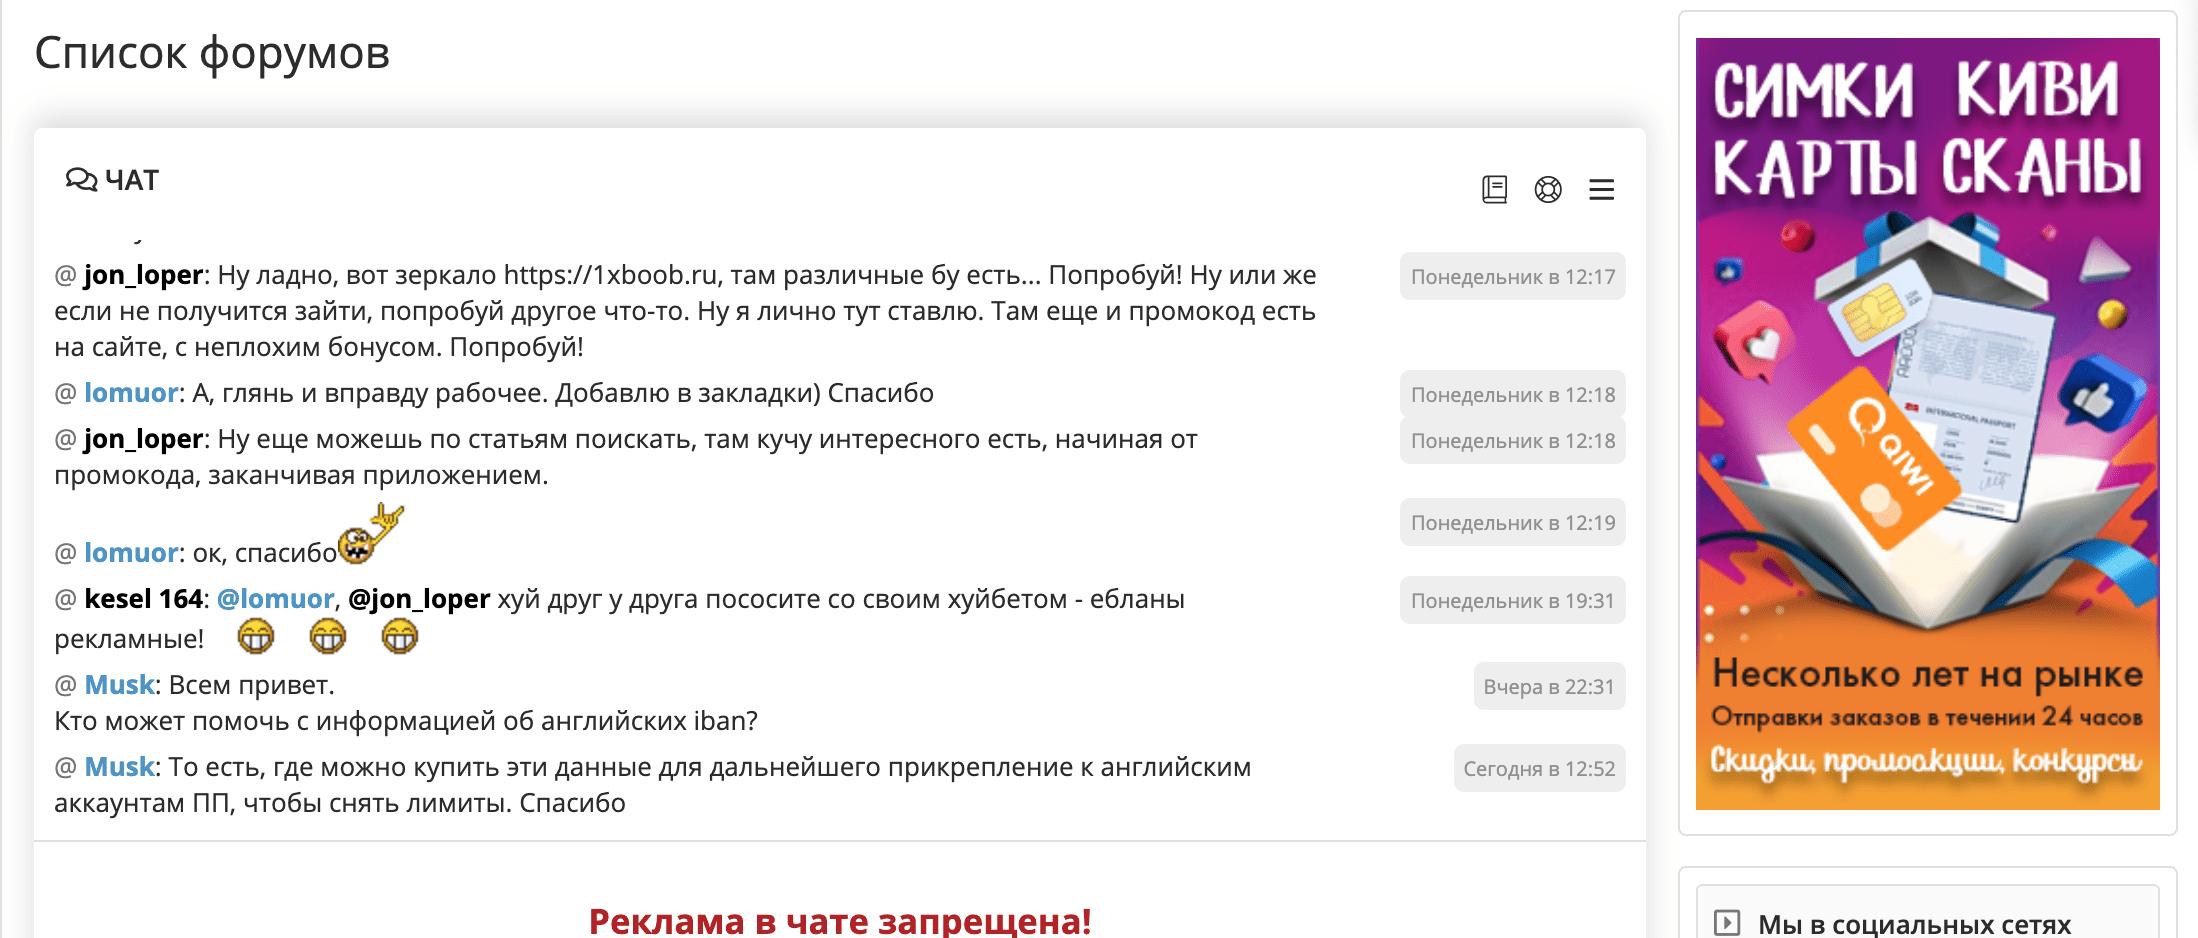 Форумы на сайте Кит-Каппер.ру(Kit-capper.cc)